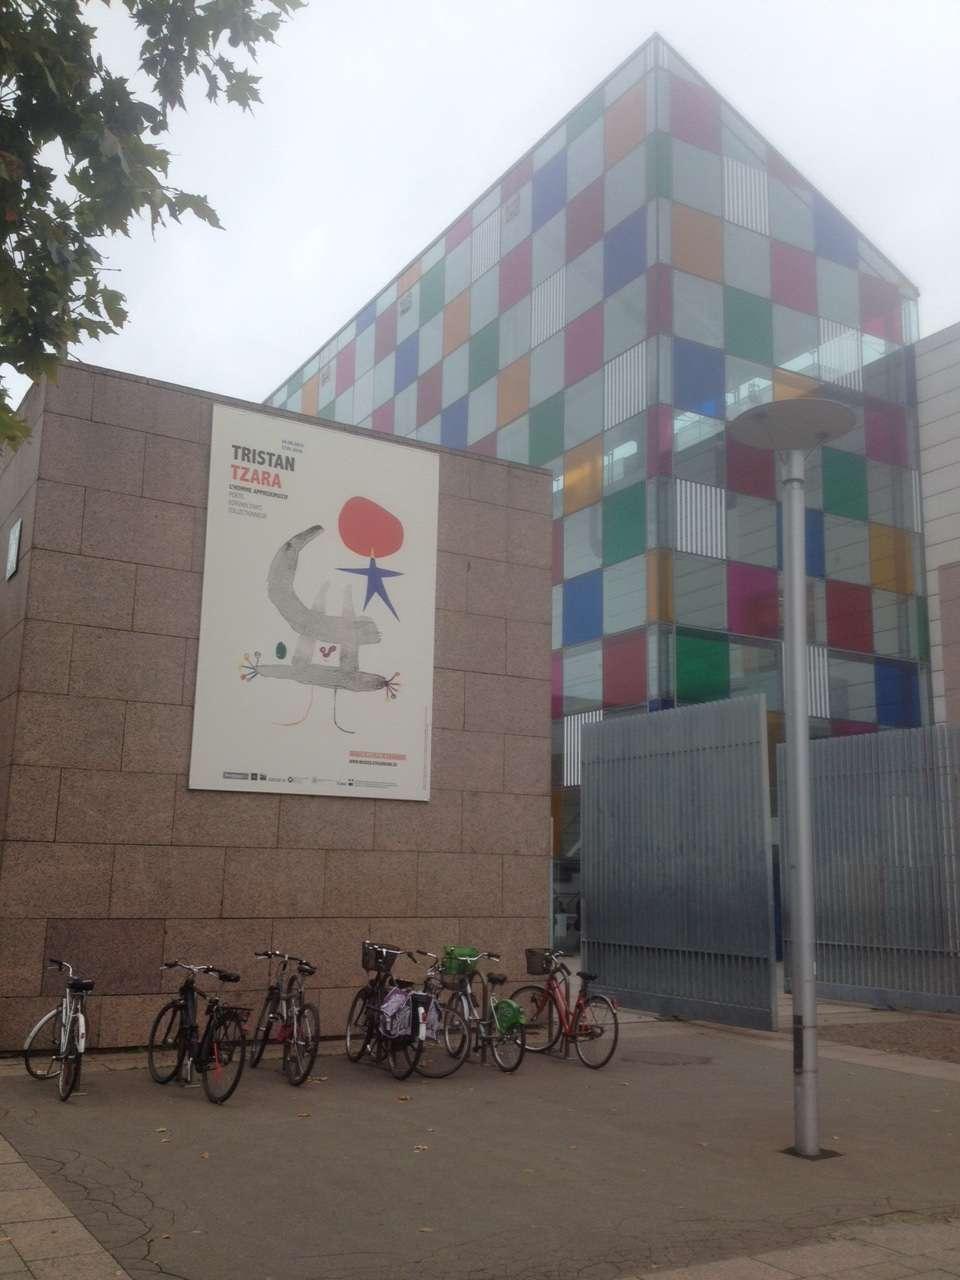 Intrarea la Muzeul de artà modernà si contemporanà din Strasbourg (MAMCS) care gàzduieste prima expozitie dedicatà lui Tristan Tzara